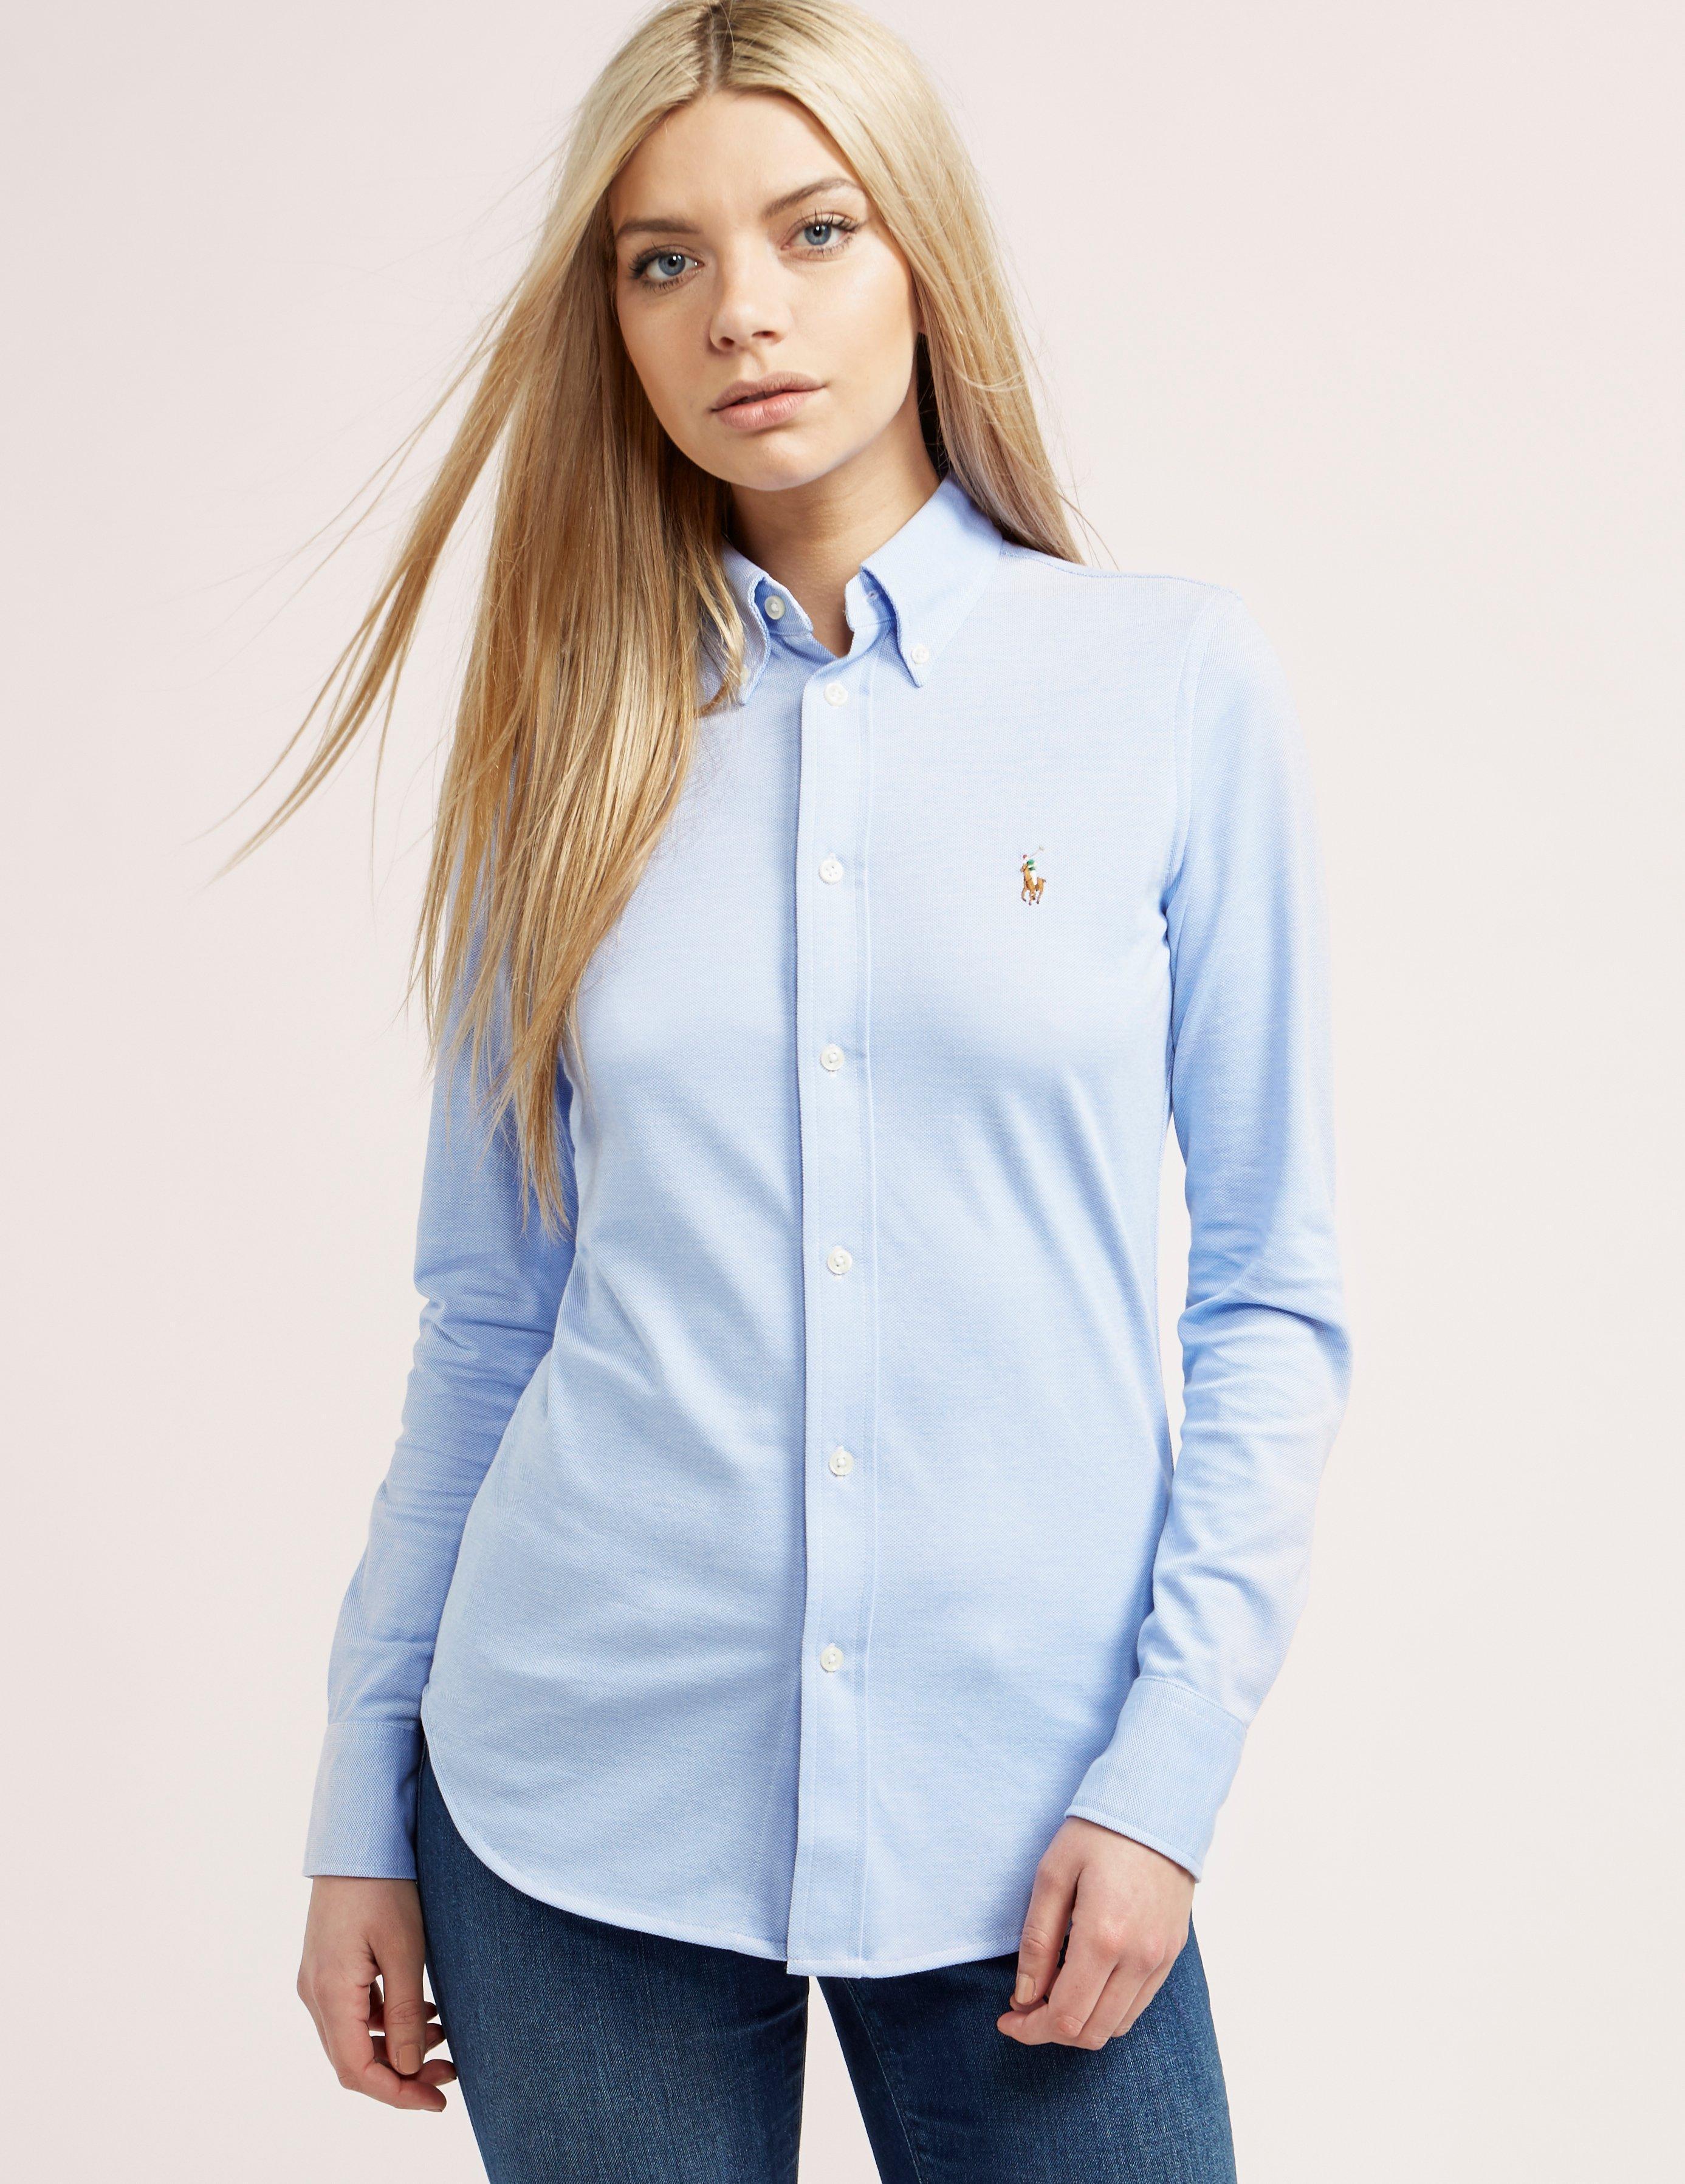 ralph lauren women's button down oxford Shop Clothing & Shoes Online